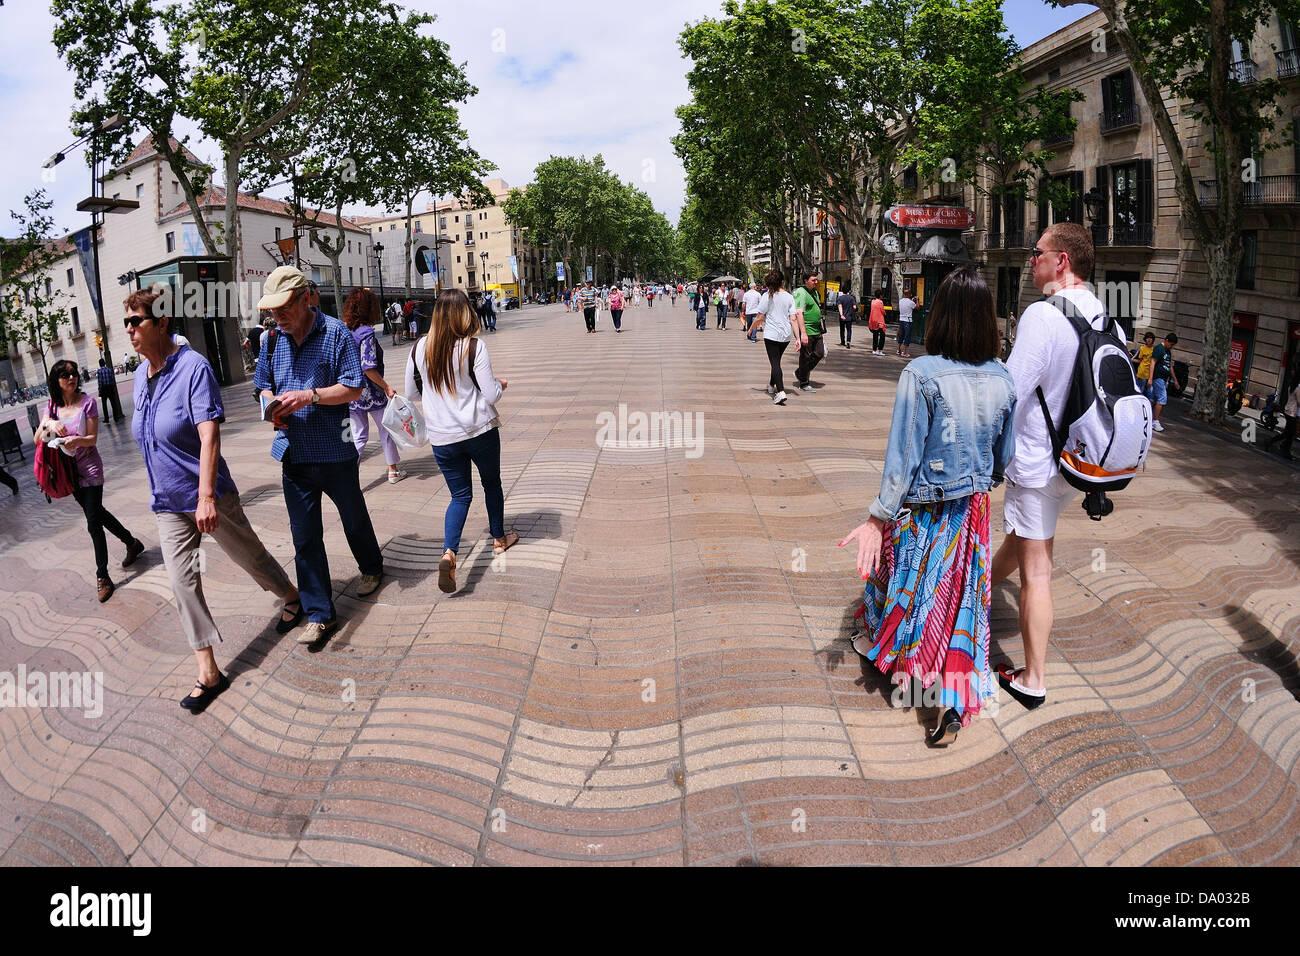 La gente a piedi a Les Rambles street, Barcellona. Immagini Stock